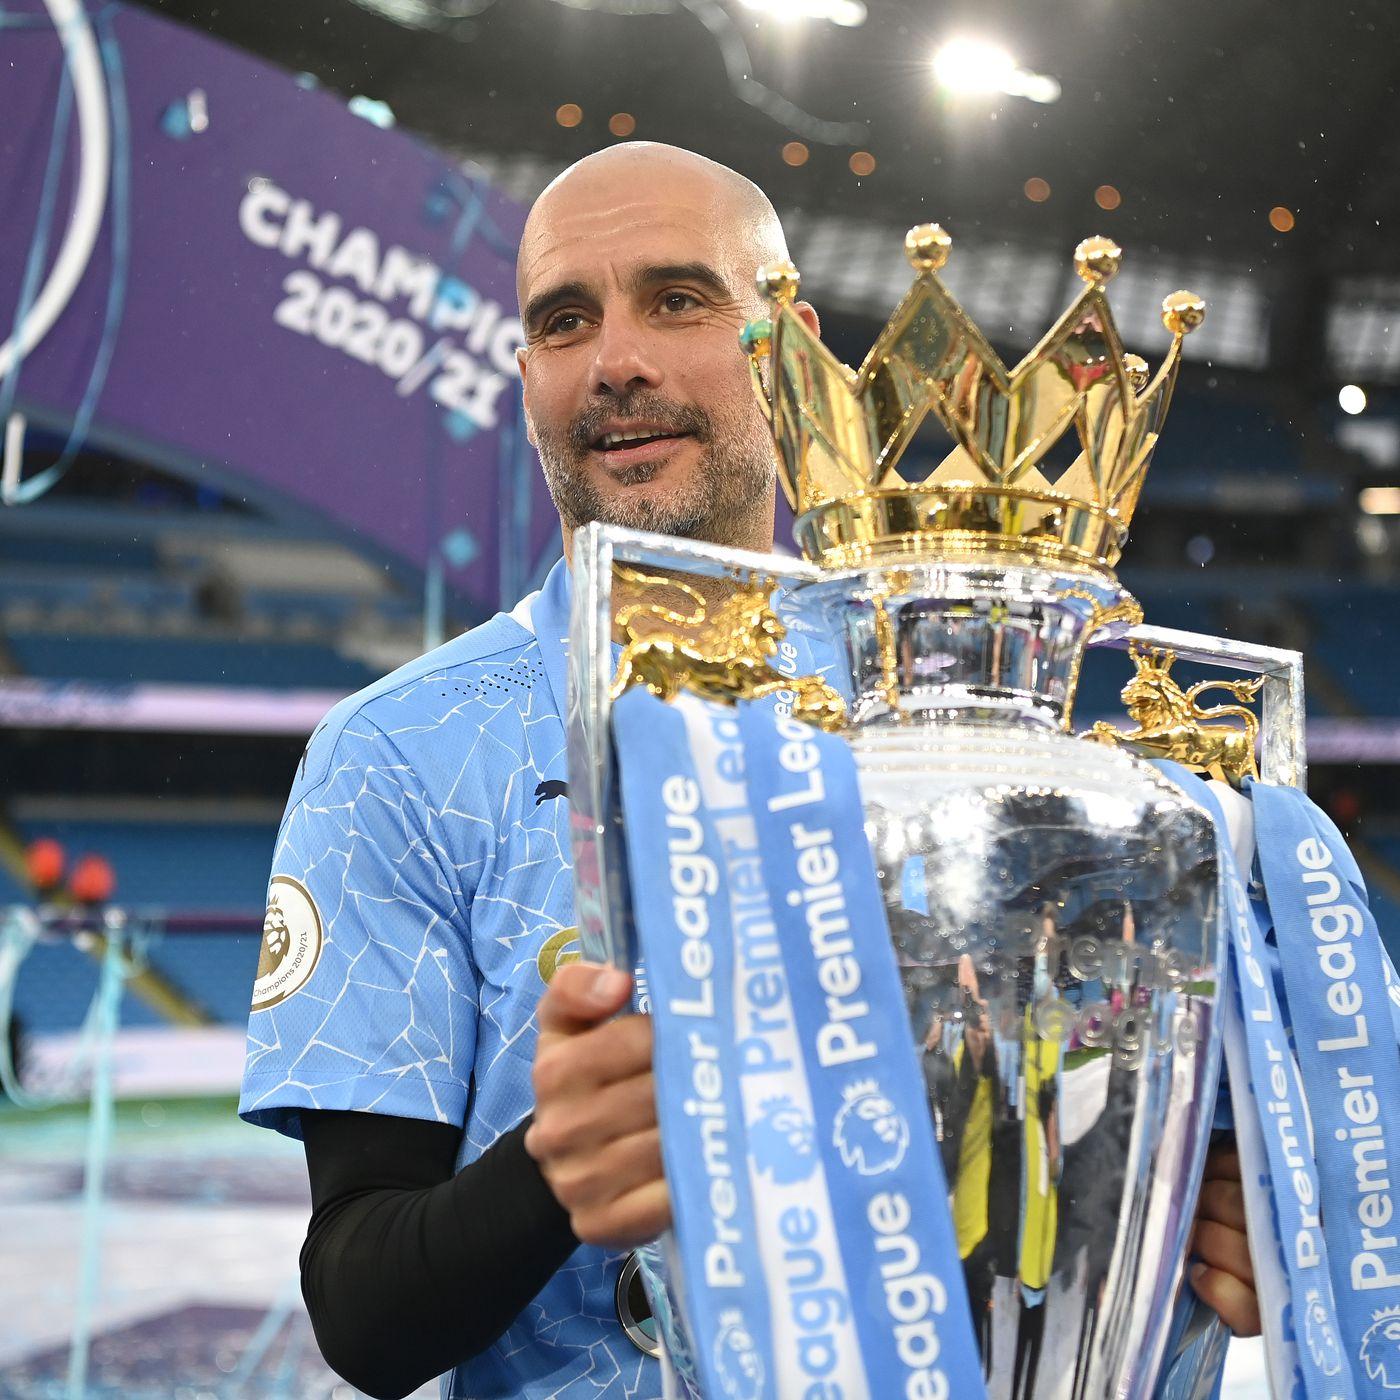 Грилиш едет в Манчестер. Гвардиола снова что-то задумал, а «Сити» готовится стать чемпионом шестой раз за 11 лет